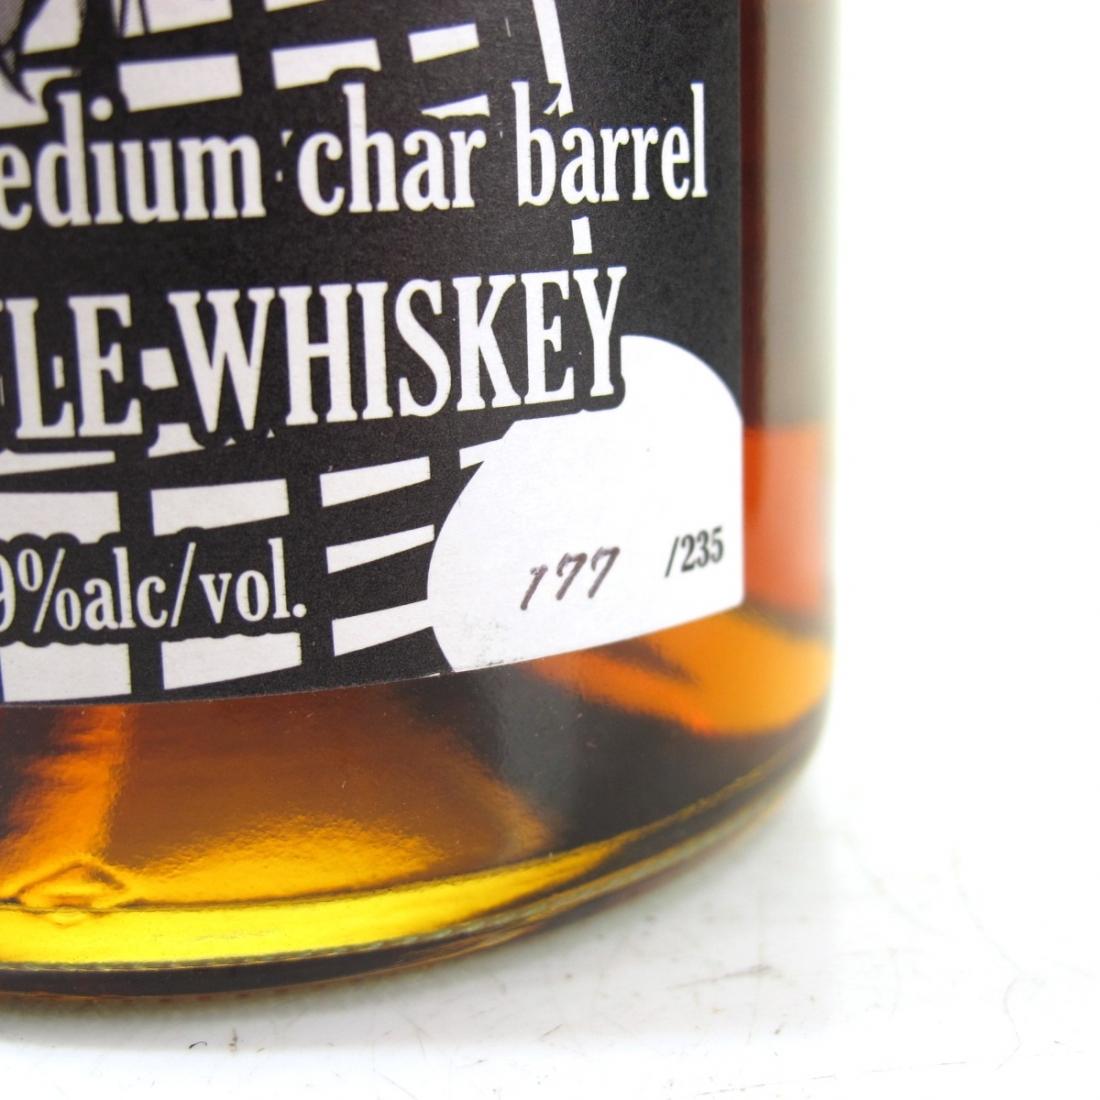 Chichibu Ichiro's Malt Milwaukee's Club American Style Whiskey